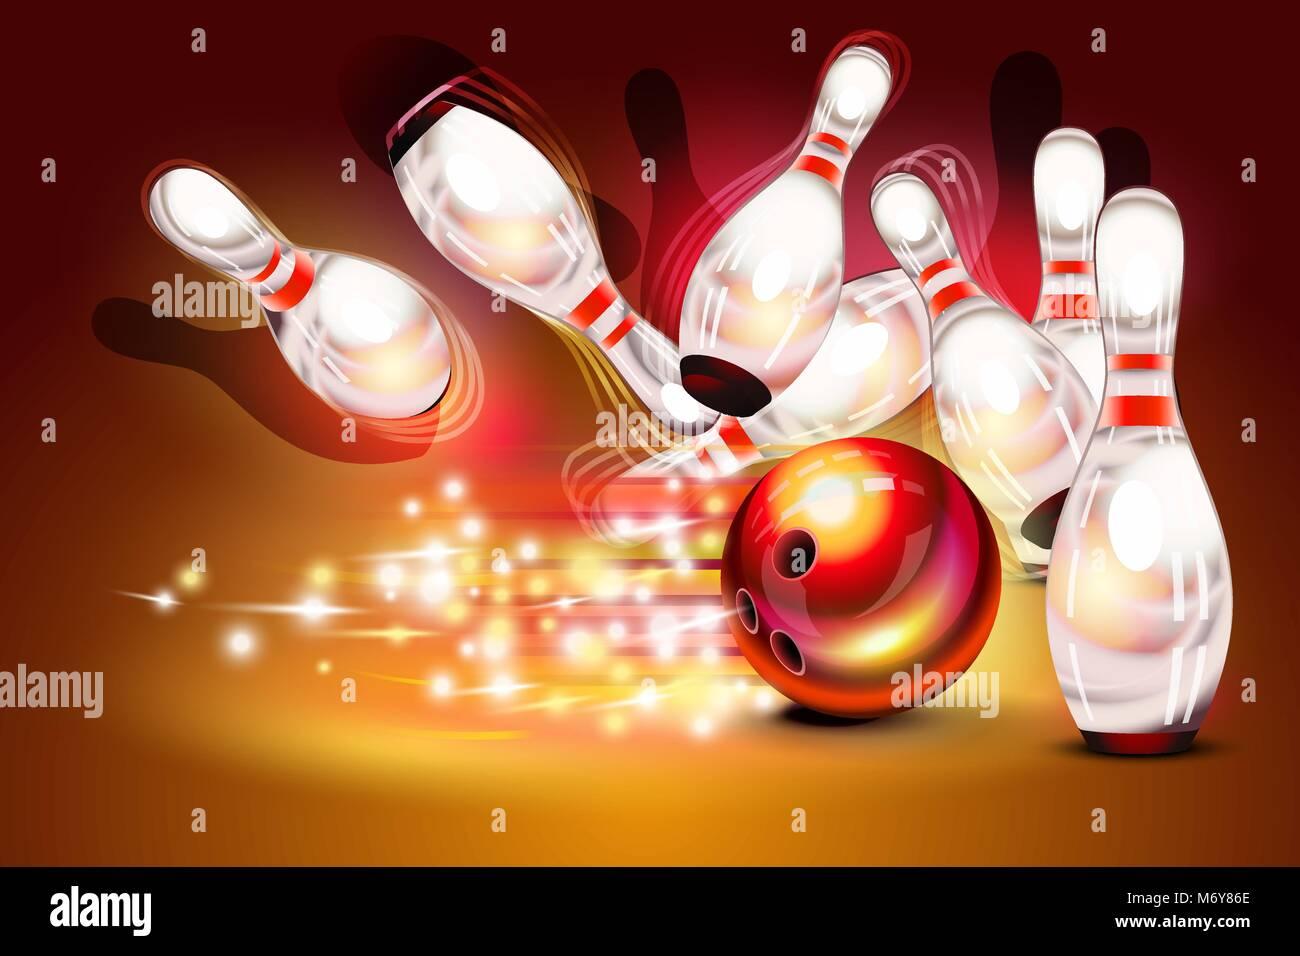 Bowling gioco sciopero scuro su sfondo rosso Immagini Stock